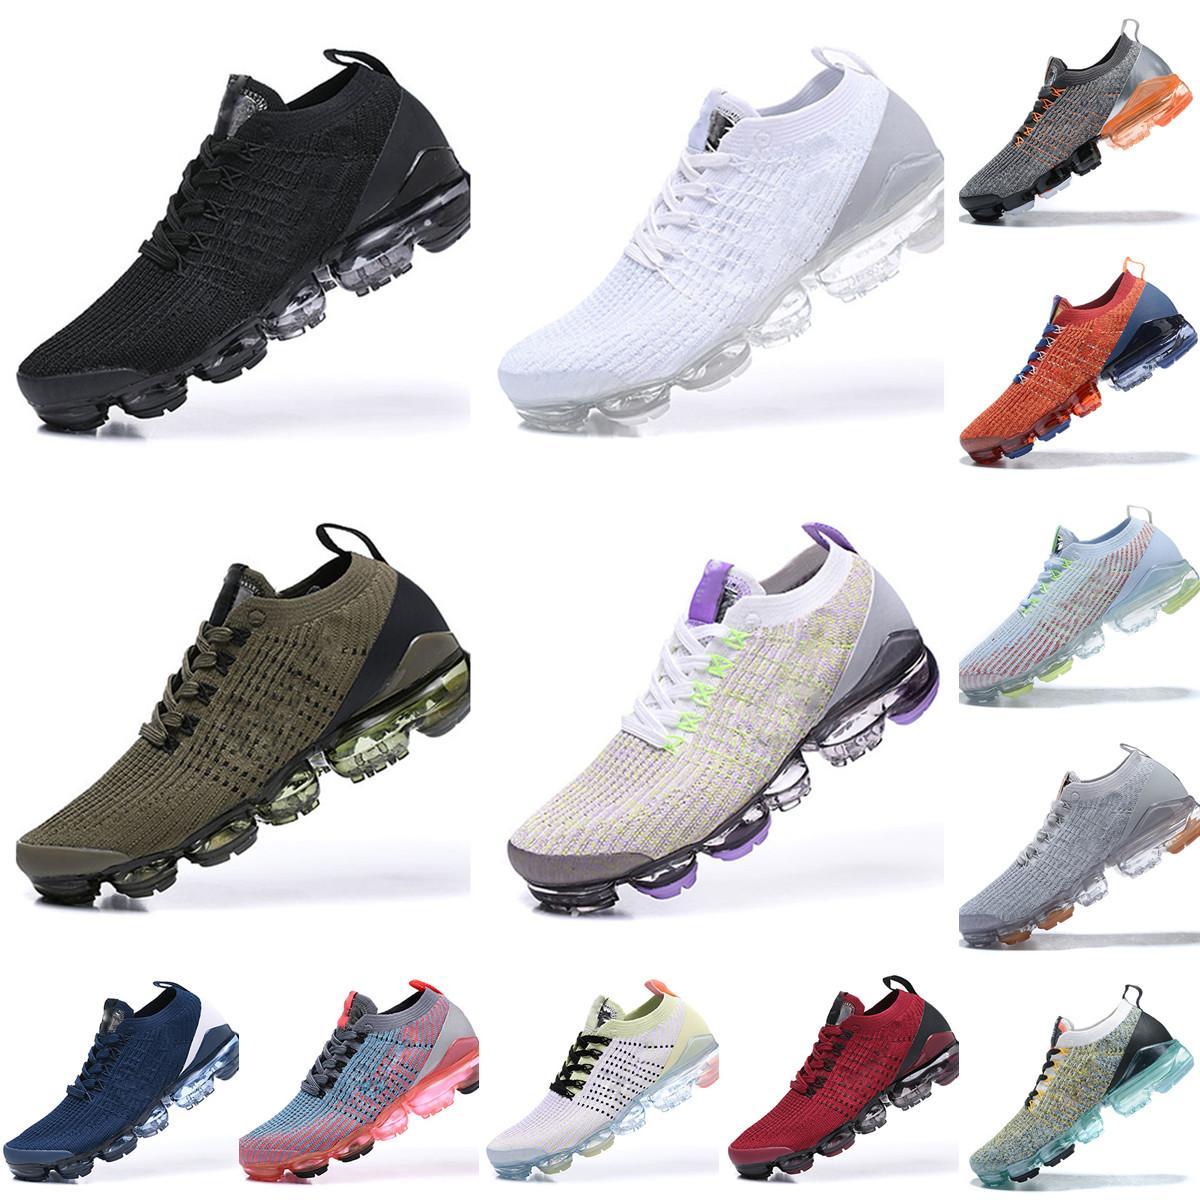 Tn plus volar 3.0 zapatillas de deporte tejido 2.0 hombres para hombres zapatos casuales triple negro blanco ser verdadero malla arco iris deportes zapato al aire libre EUR 36-45